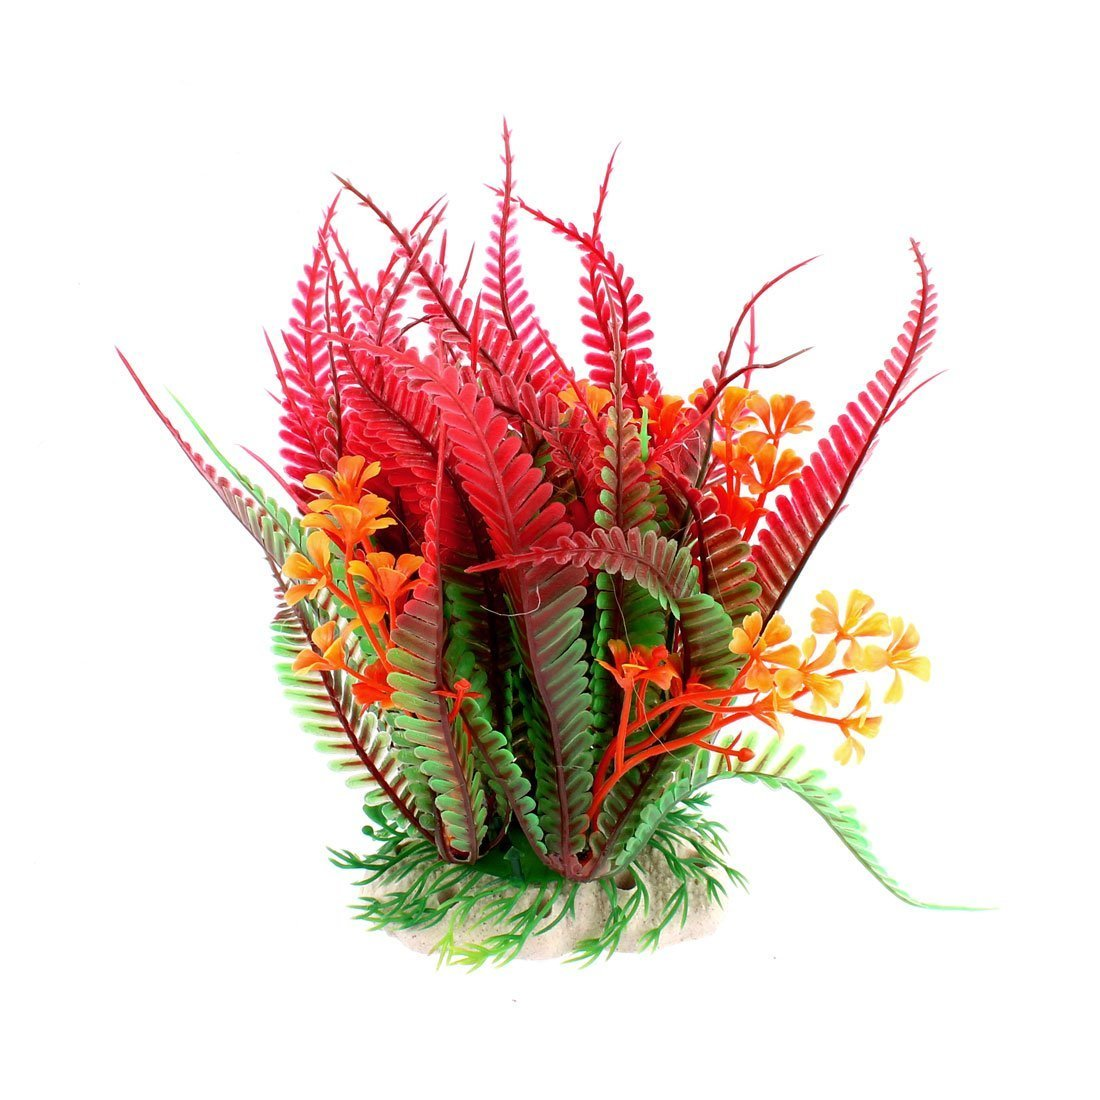 Flower Grass Aquarium Decoration Plant Fish Tank Artificial-color3